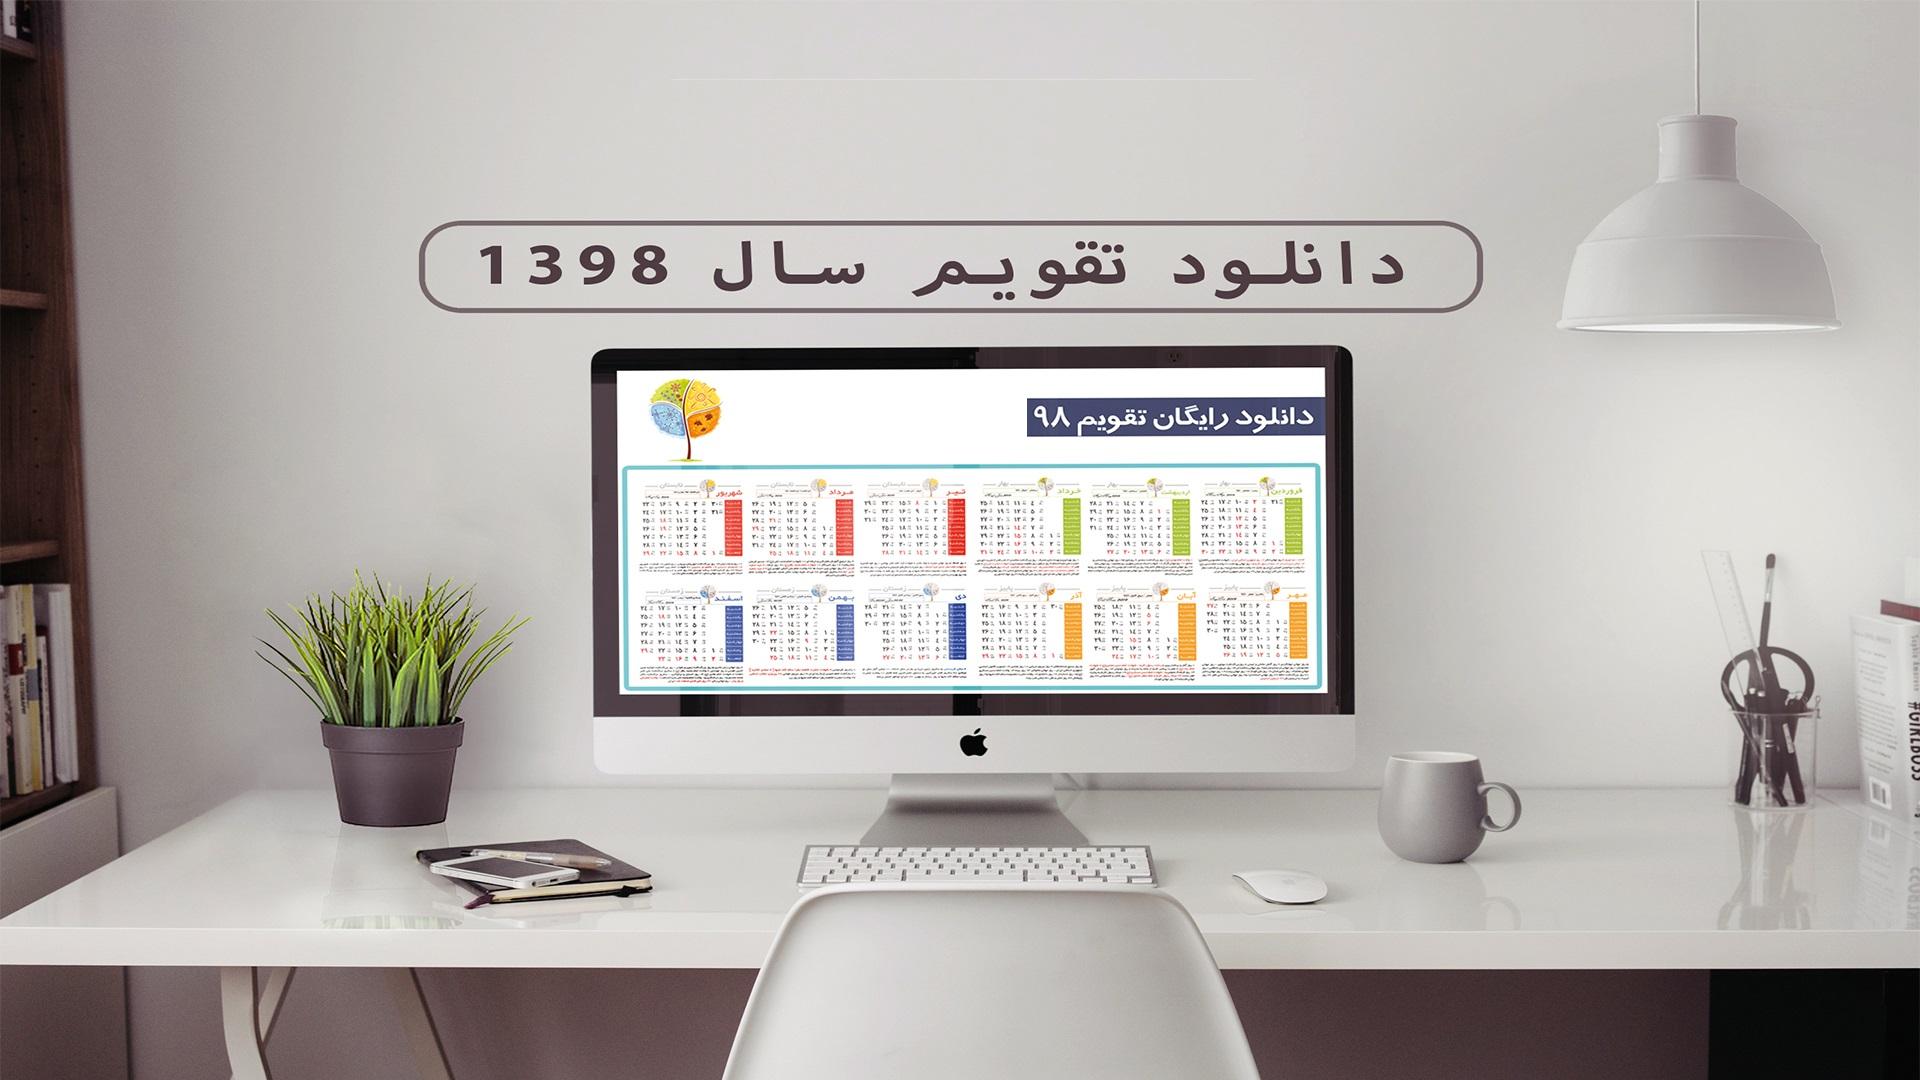 بدافزارهایی با عنوان تقویم سال ۱۳۹۸ برای گوشی تلفن همراه